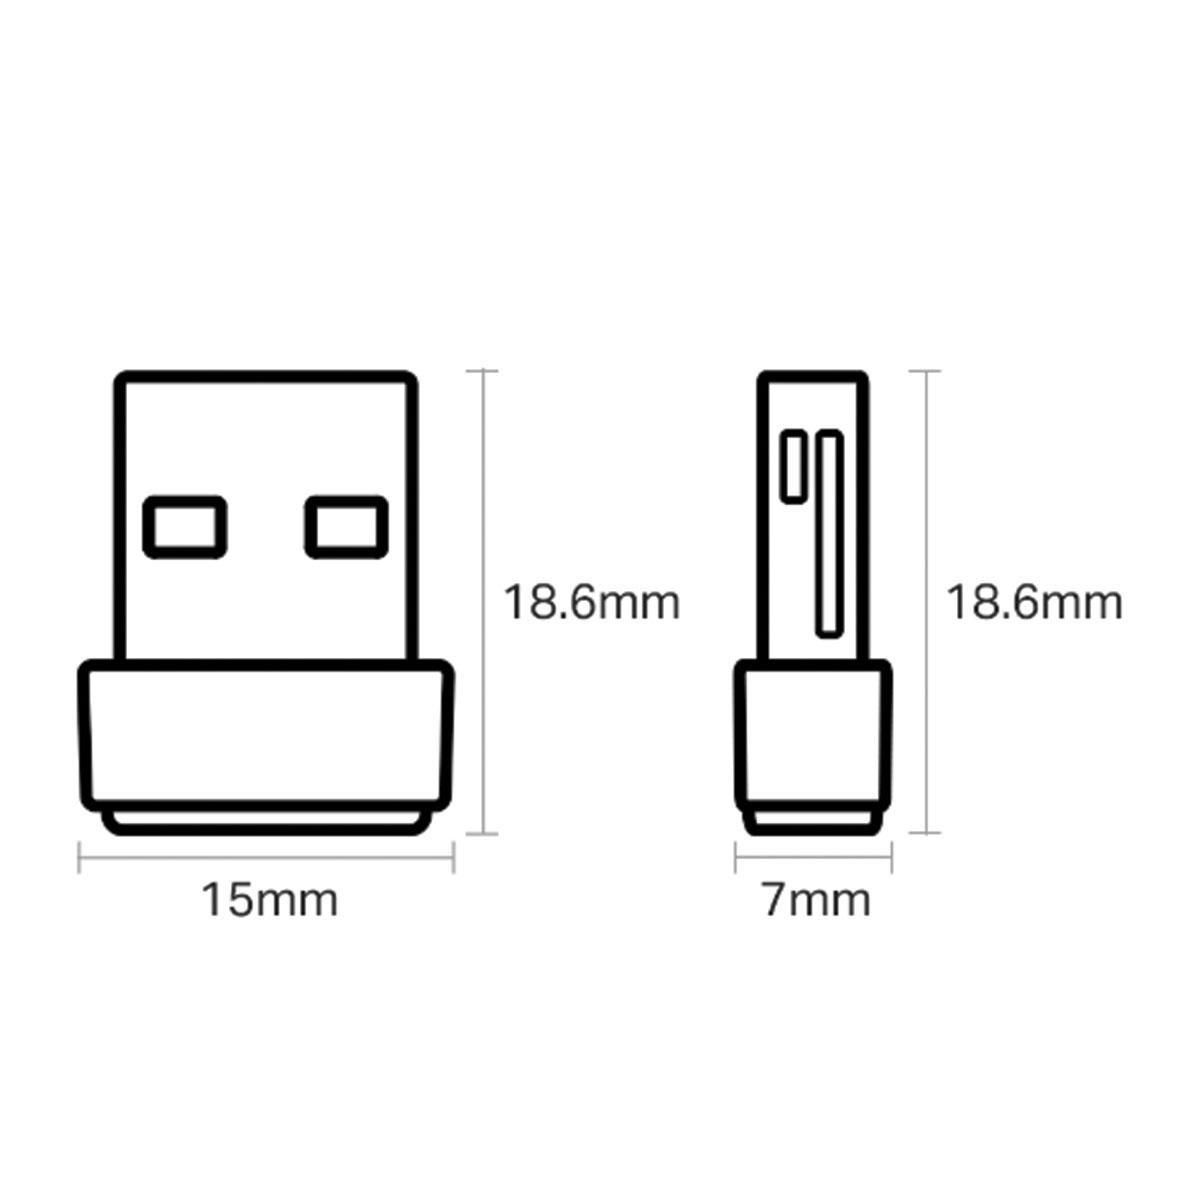 ADAPTADOR USB WIRELESS AC600 ARCHER DUAL BAND 2.4GHZ E 5GHZ T2U NANO